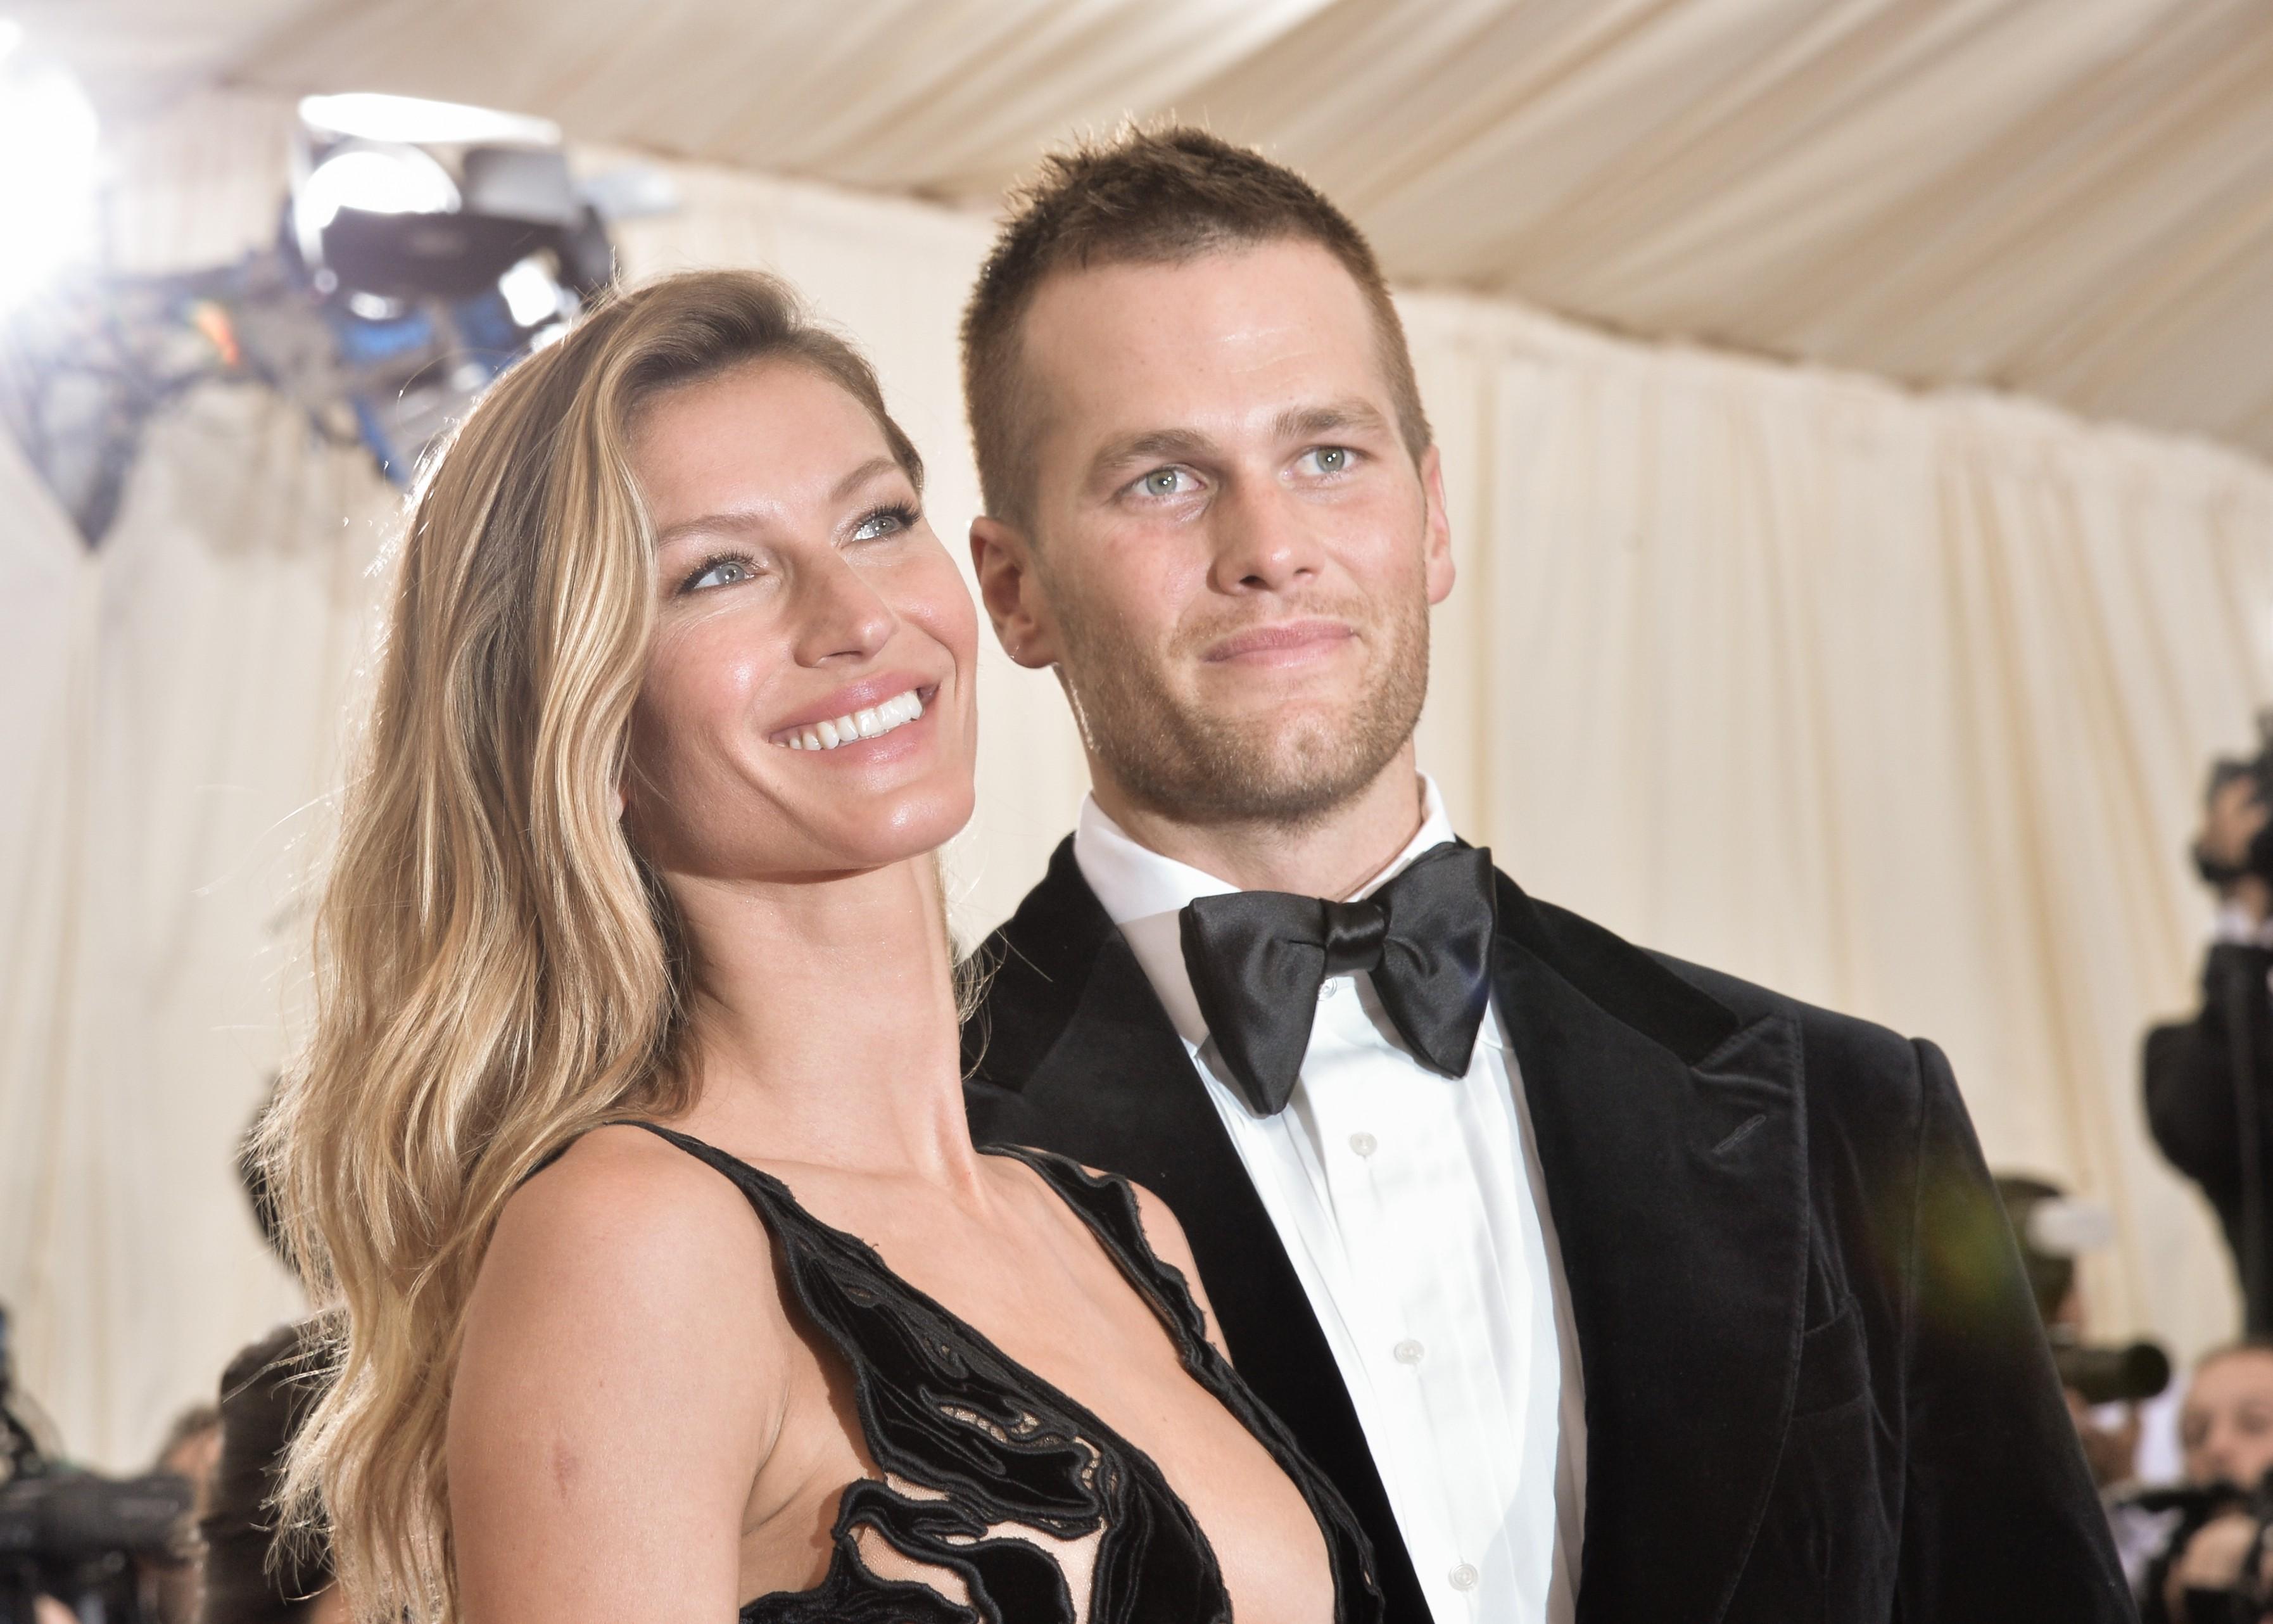 Gisele e Tom são casados desde 2009 e têm dois filhos, Vivian e Lake Brady (Foto: Getty Images)